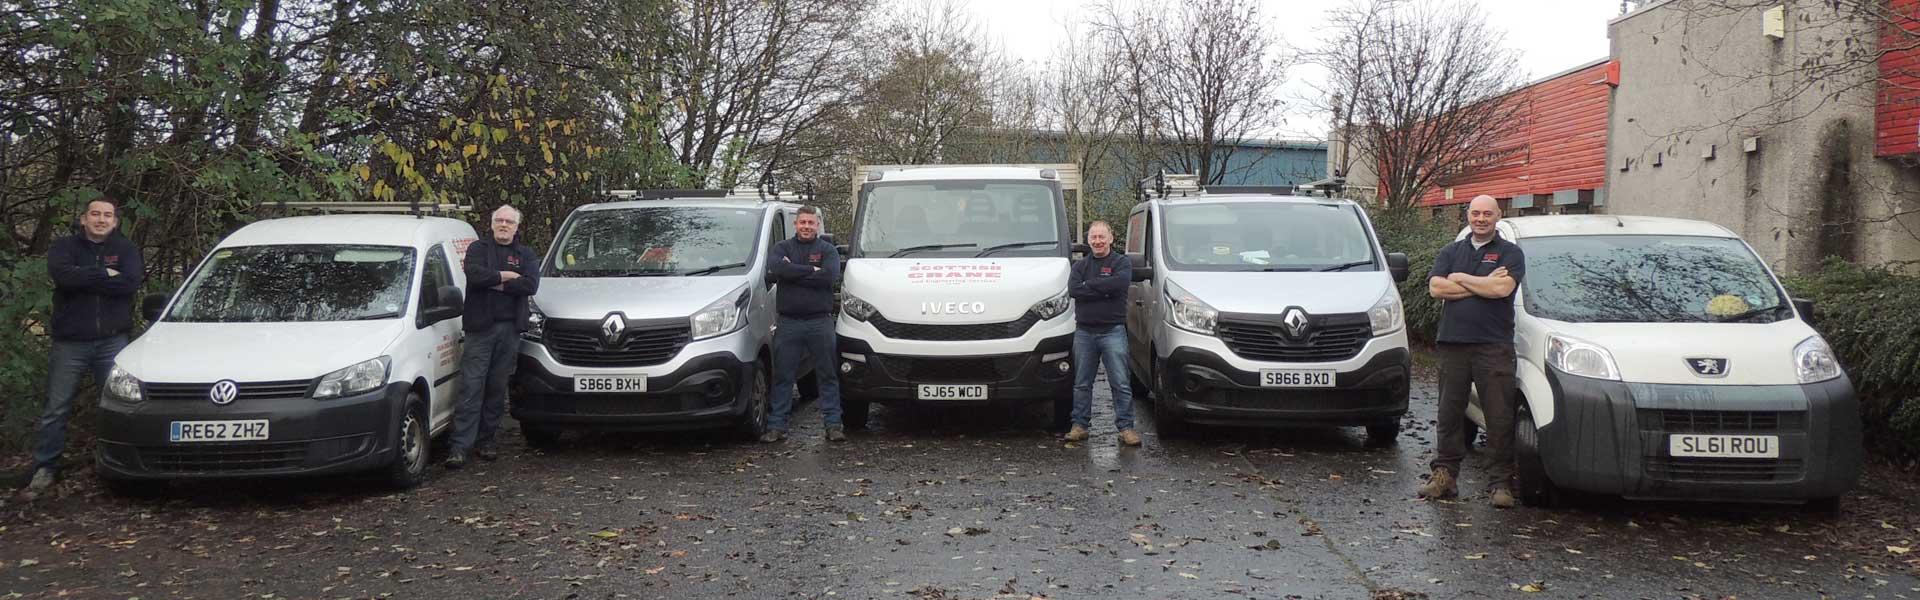 Lifting Equipment Scotland | Crane Design Glasgow